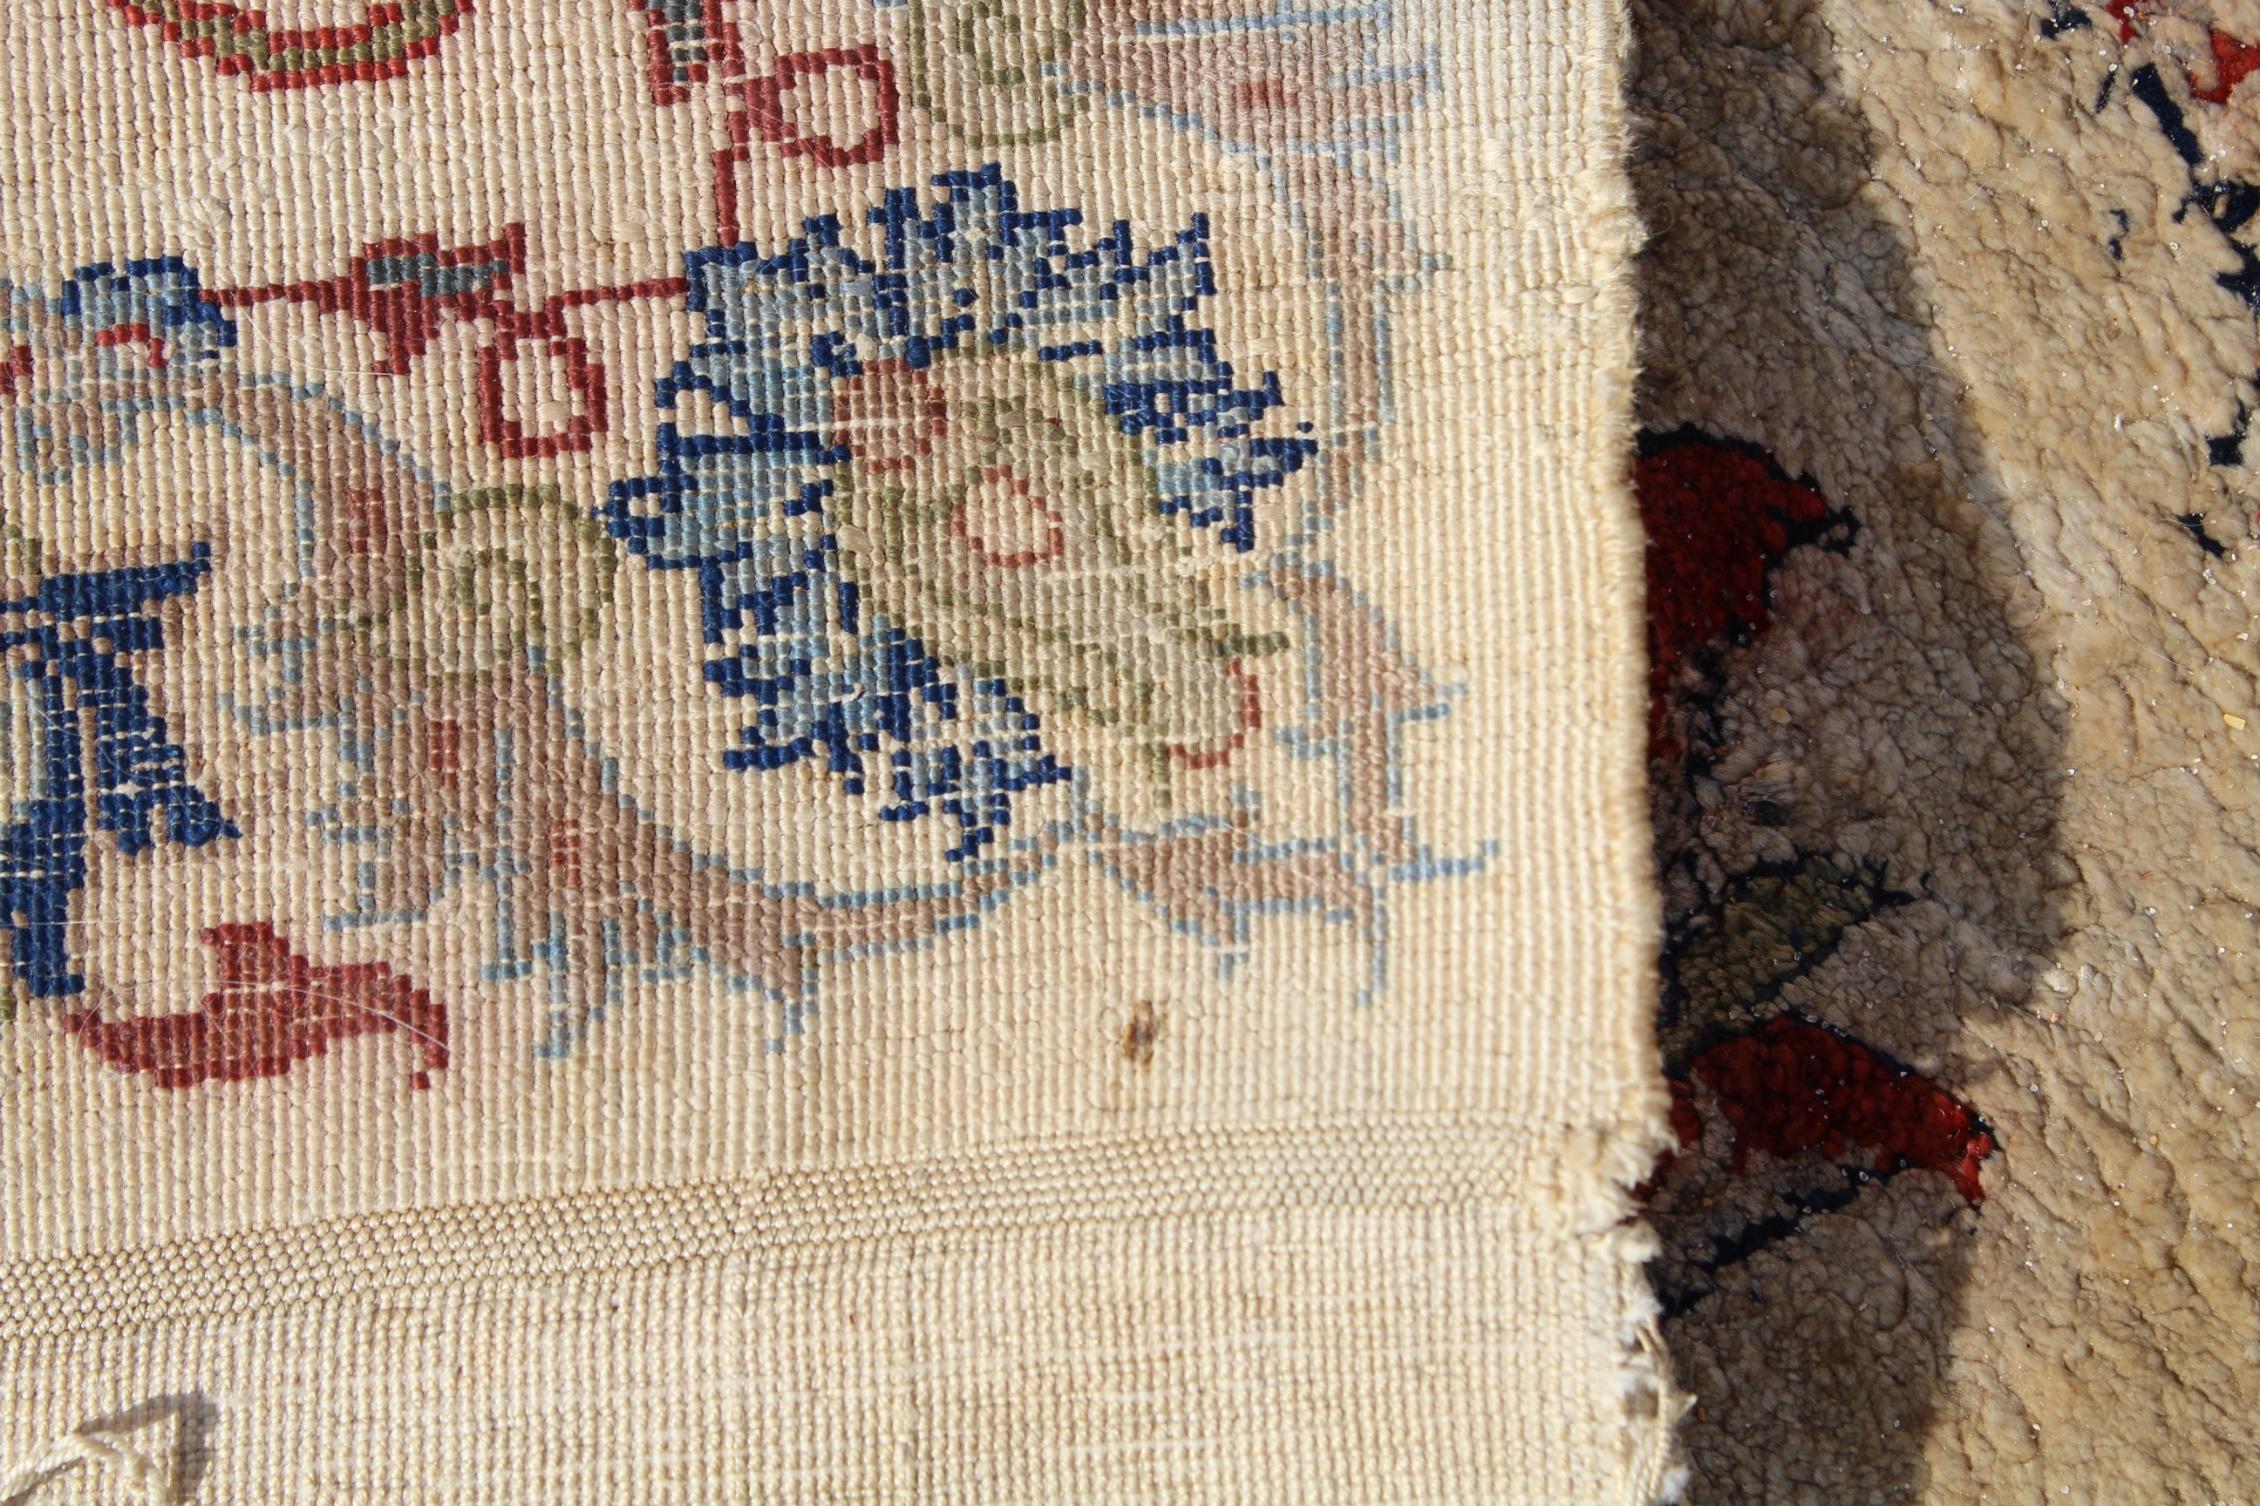 Signed, Antique Persian Silk Qum Rug - Image 4 of 4